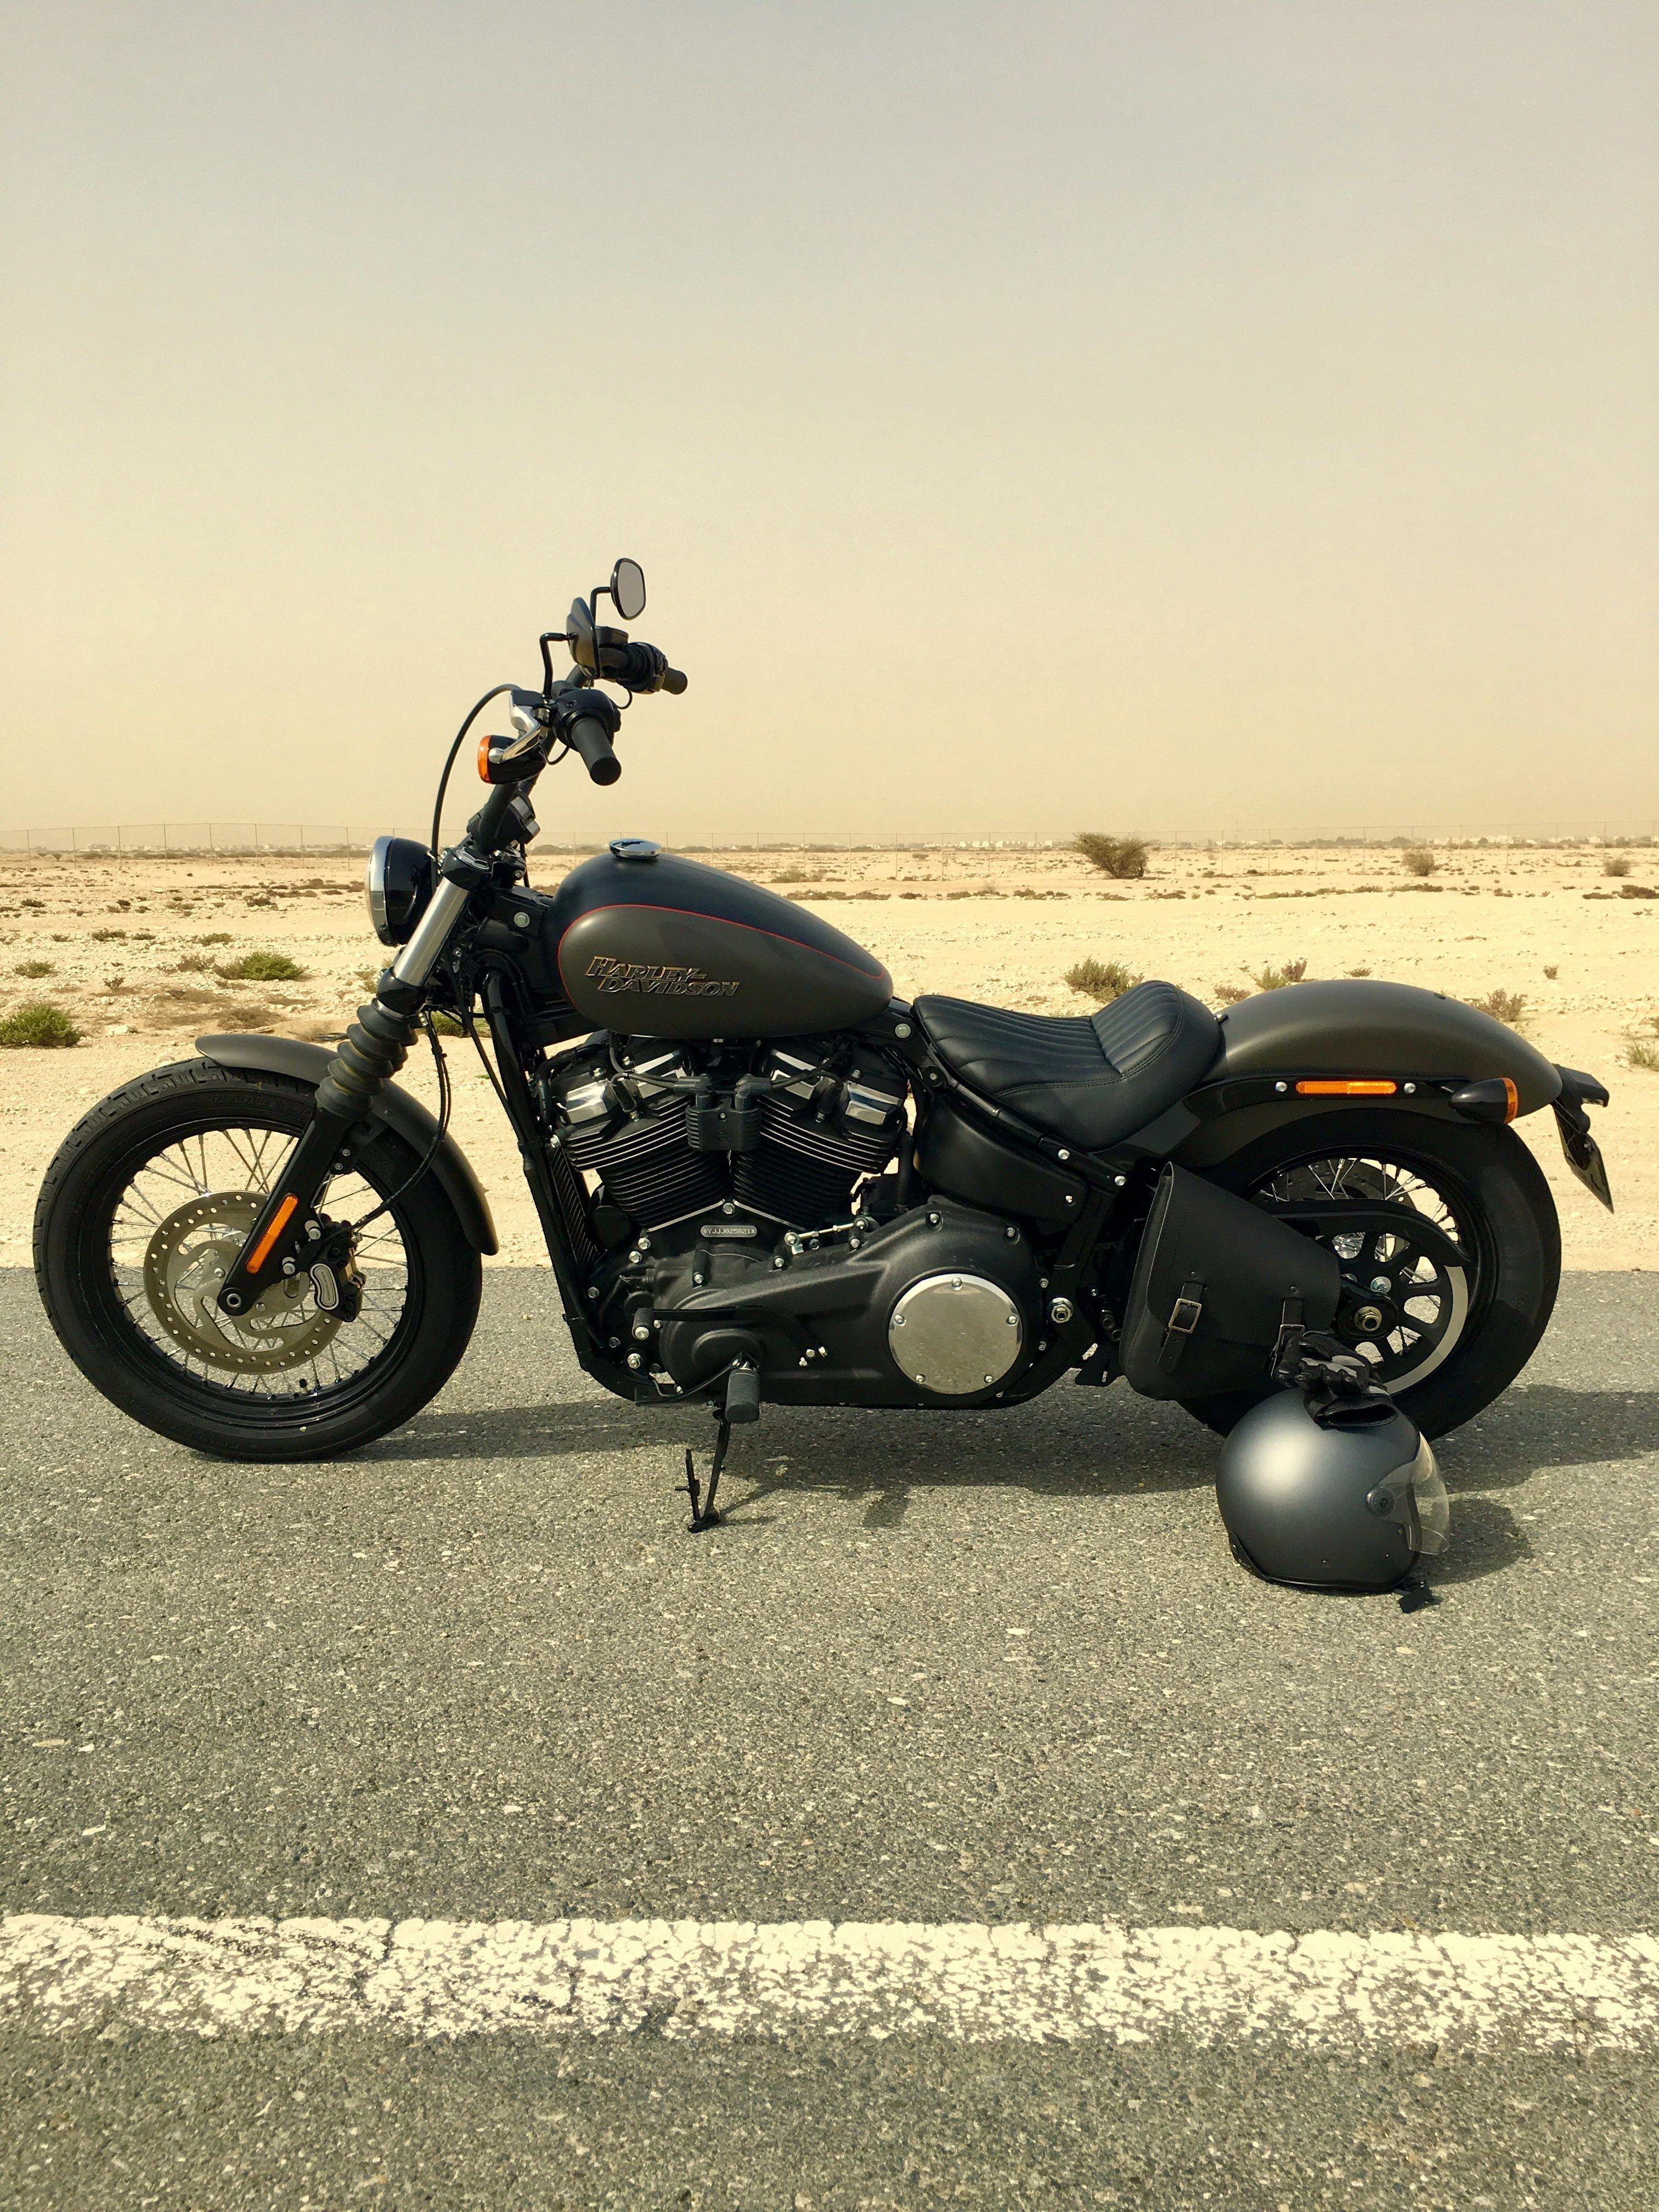 Harley Davidson Dyna Bars Harleydavidsondyna Harley Davidson Dyna Harley Davidson Motorcycles Harley Davidson Harley Davidson Bikes